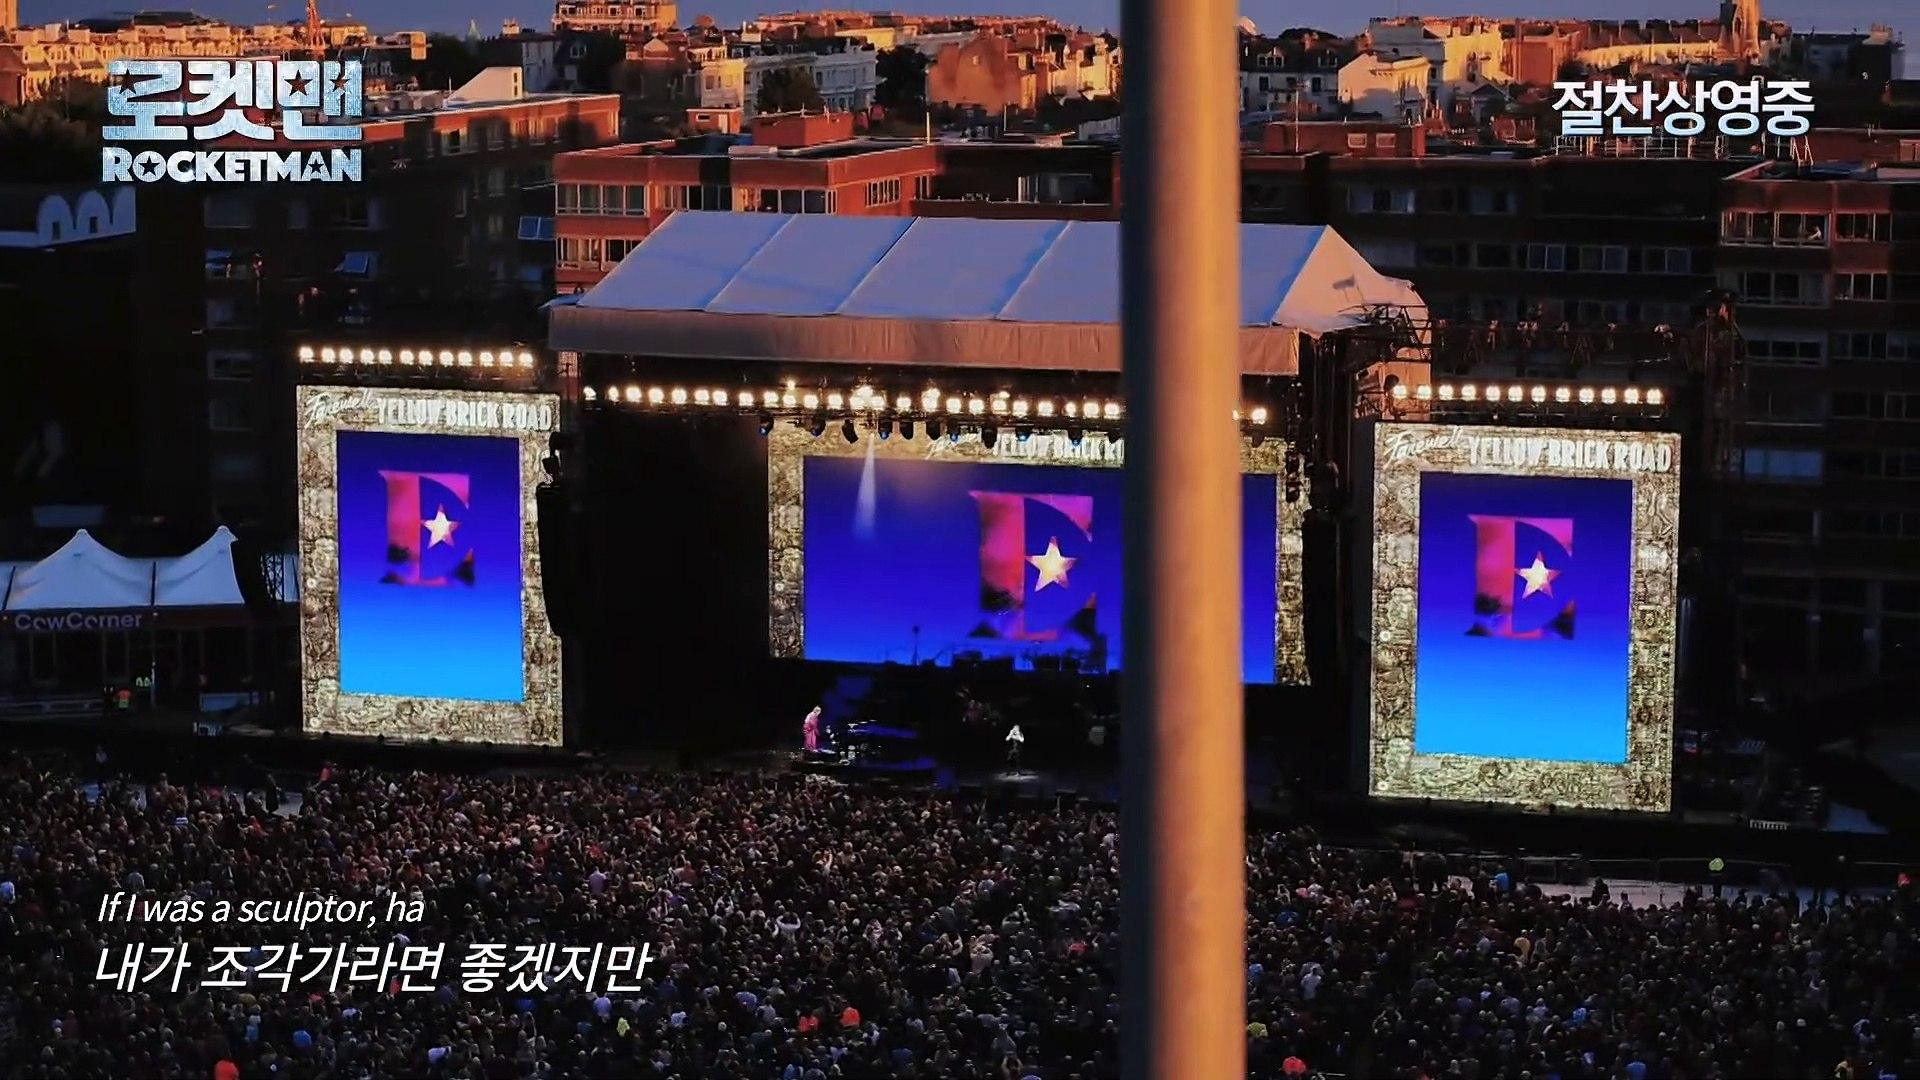 영화 로켓맨ㅣYour Song 공연 영상